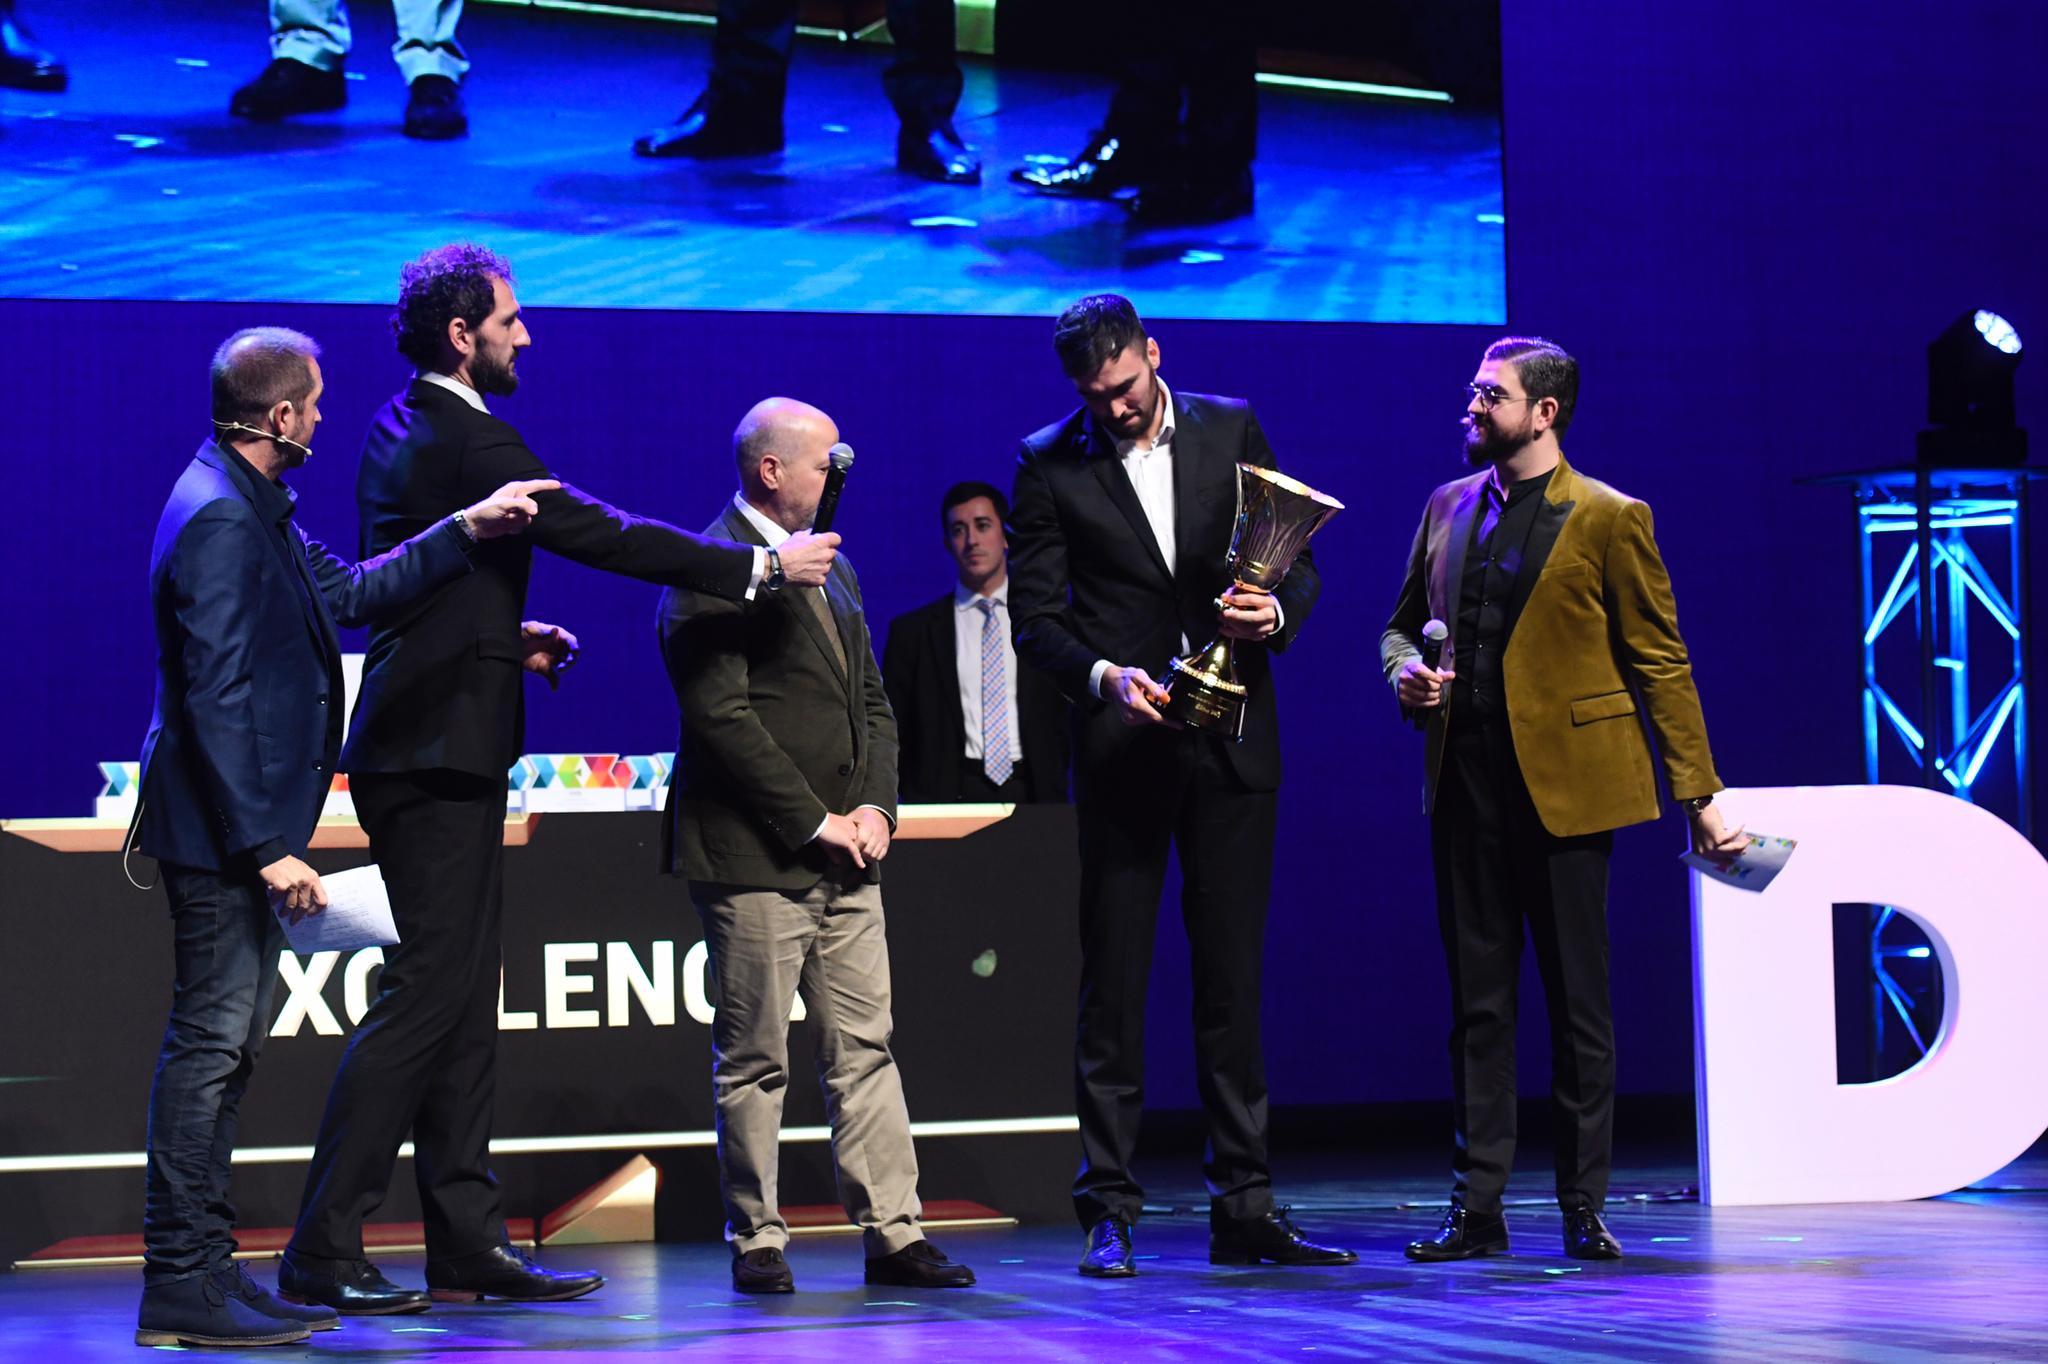 Entrega del premio DEX a la selección española de baloncesto